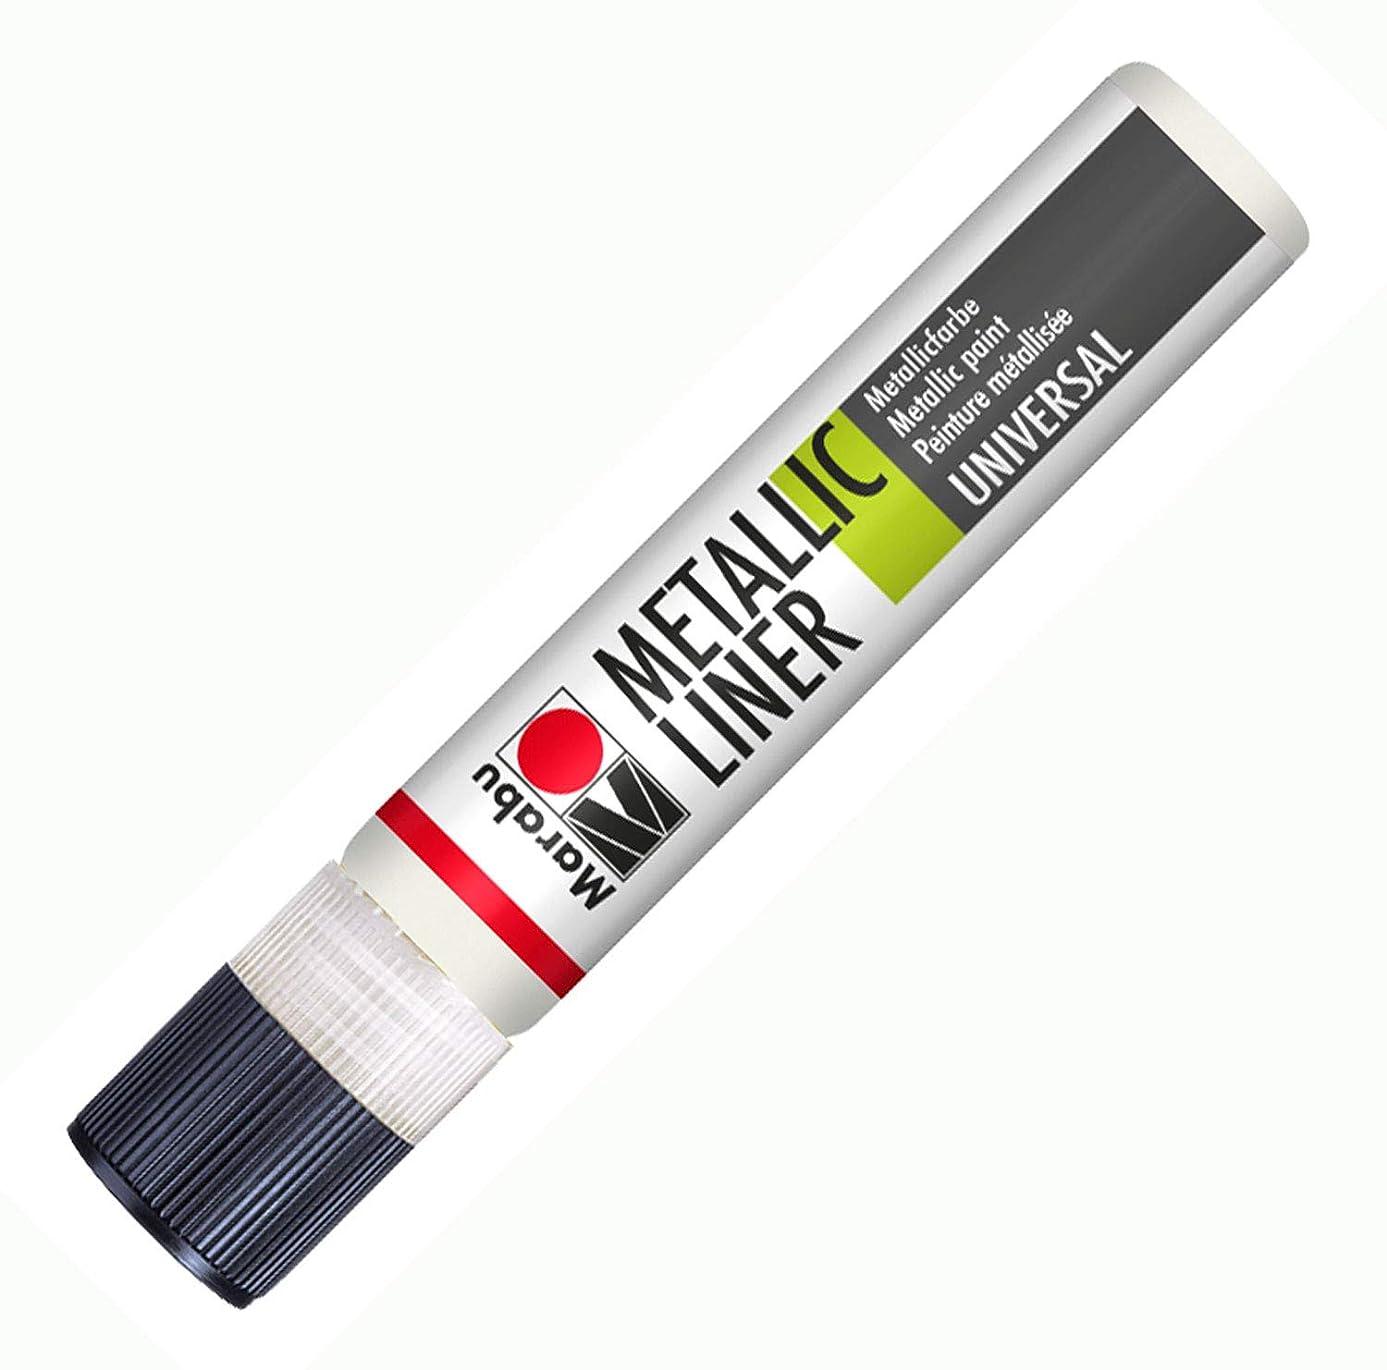 Marabu-metallic Liner 25ml Metallic- White